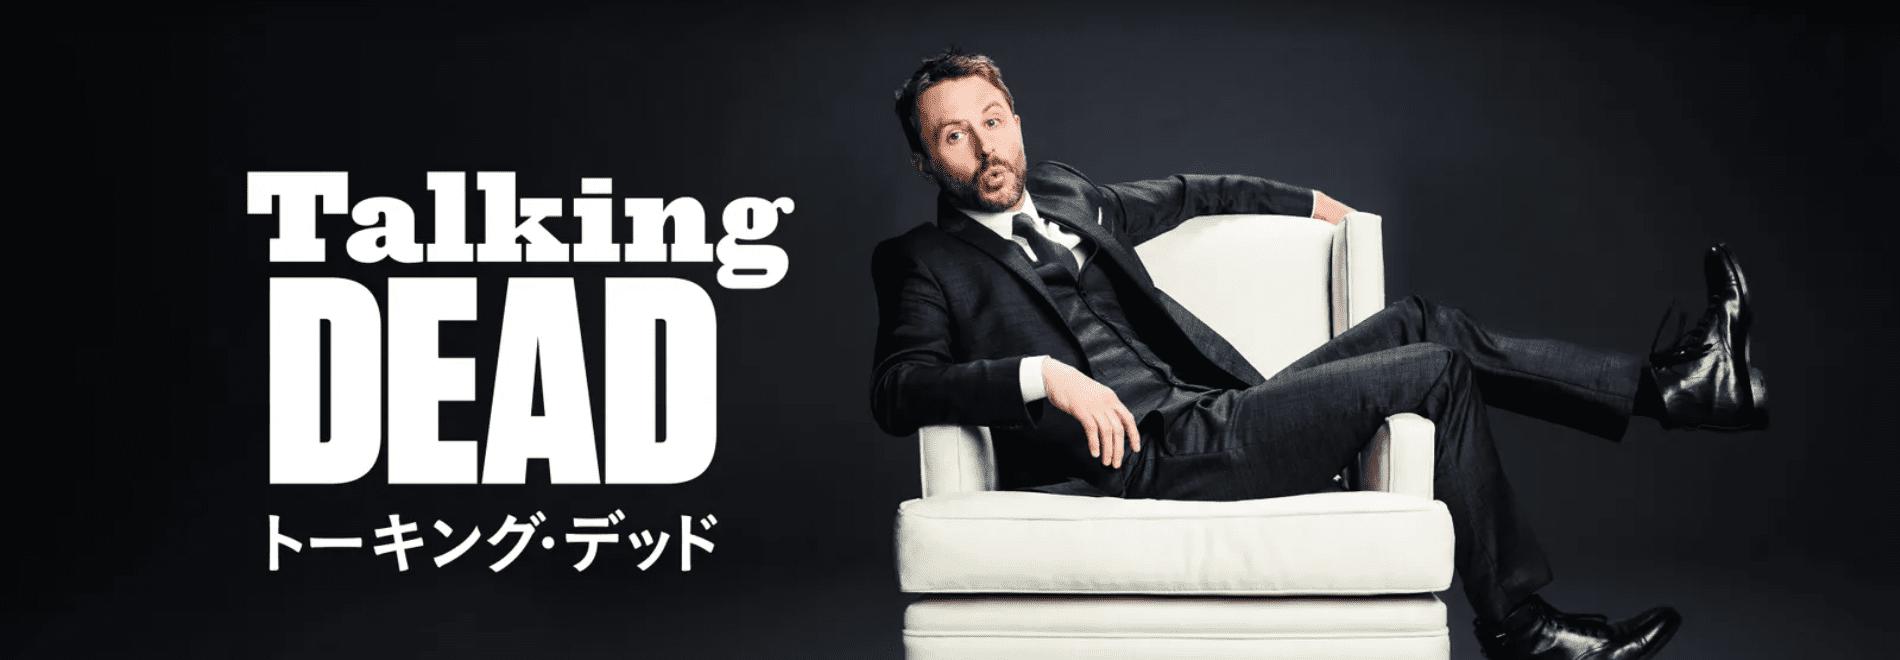 【Huluおすすめ海外ドラマ:ウォーキングデッド】吹き替え版が観れるのはHuluだけ!世界が熱狂する極限のヒューマンドラマ『ウォーキングデッド』|ドラマのあらすじ・見どころ:『トーキングデッド』も観ると、本編がさらに面白くなる